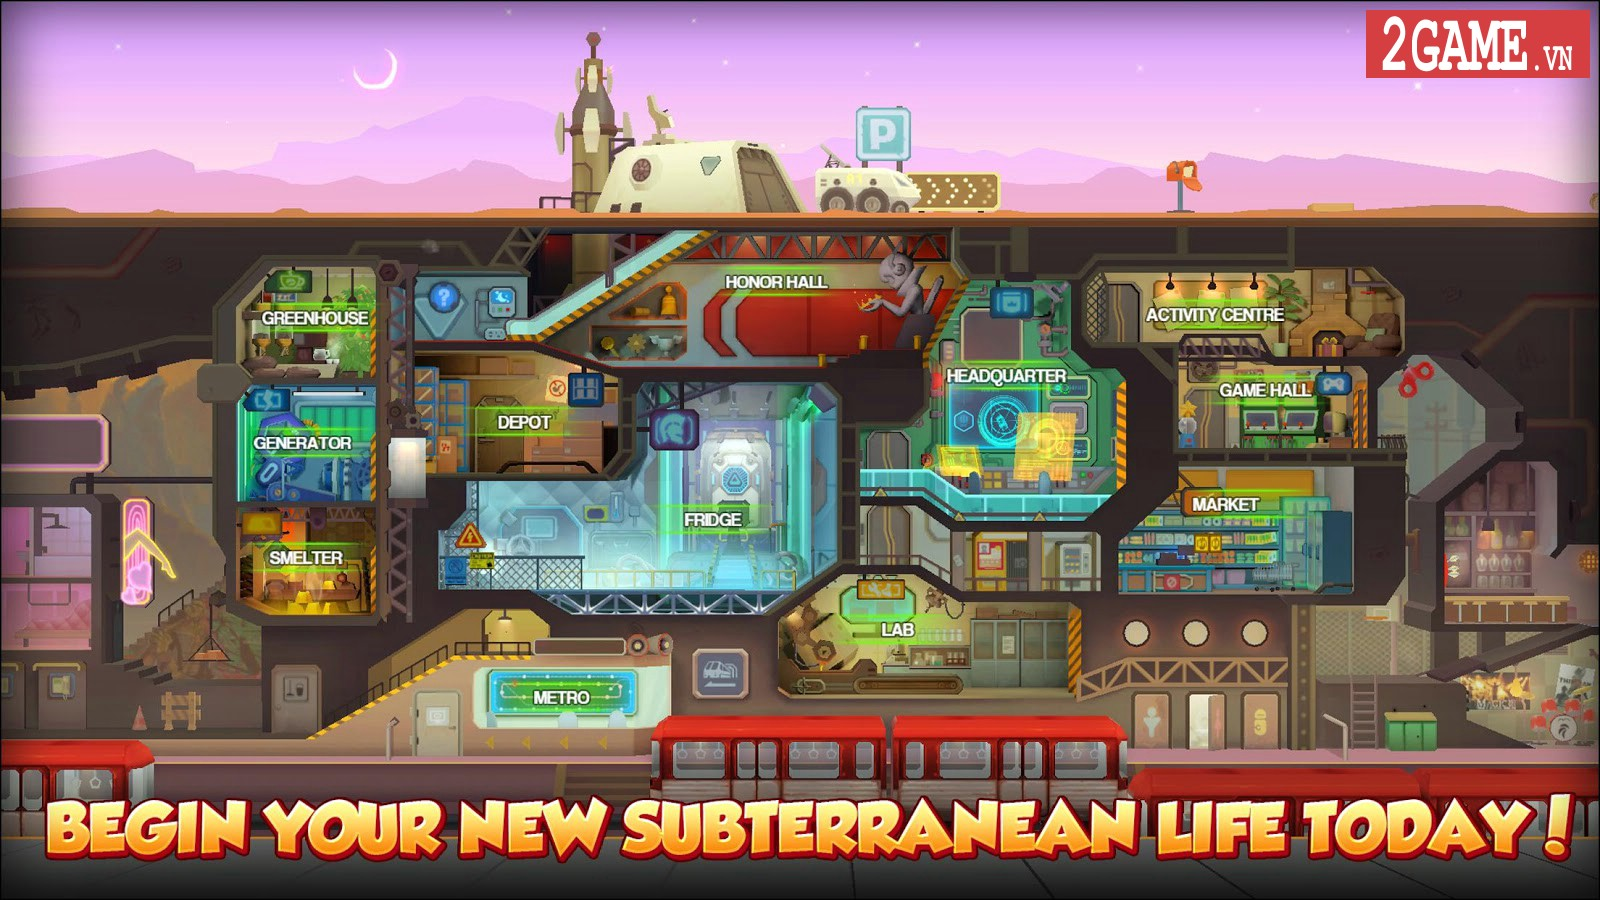 iShelter - Game nhập vai kết hợp chiến thuật với nền đồ họa siêu lạ 1